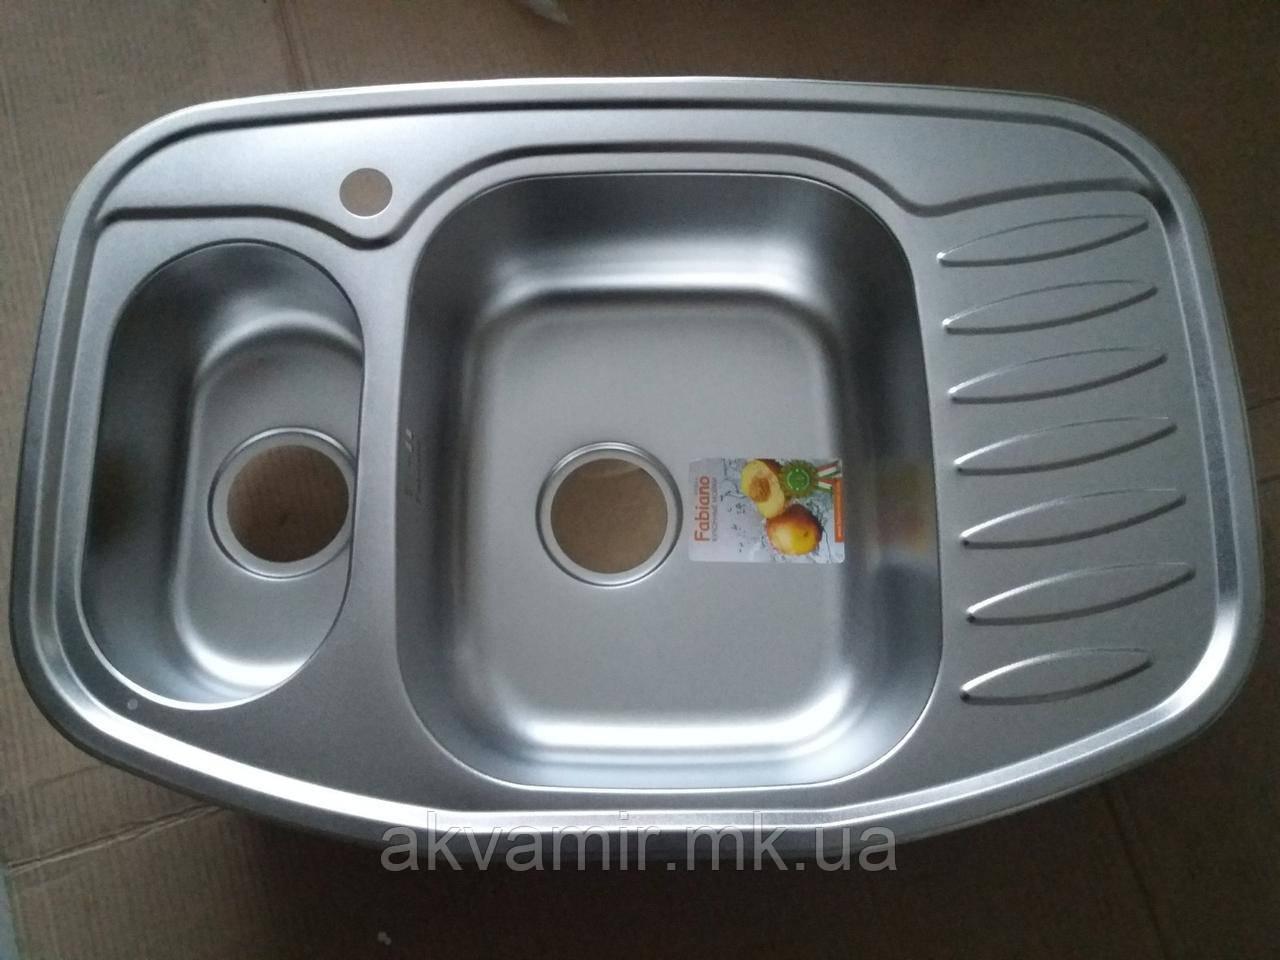 Мийка Fabiano 78x51x15 кутова Microdecor нерж. сталь 0.8 мм (Туреччина)